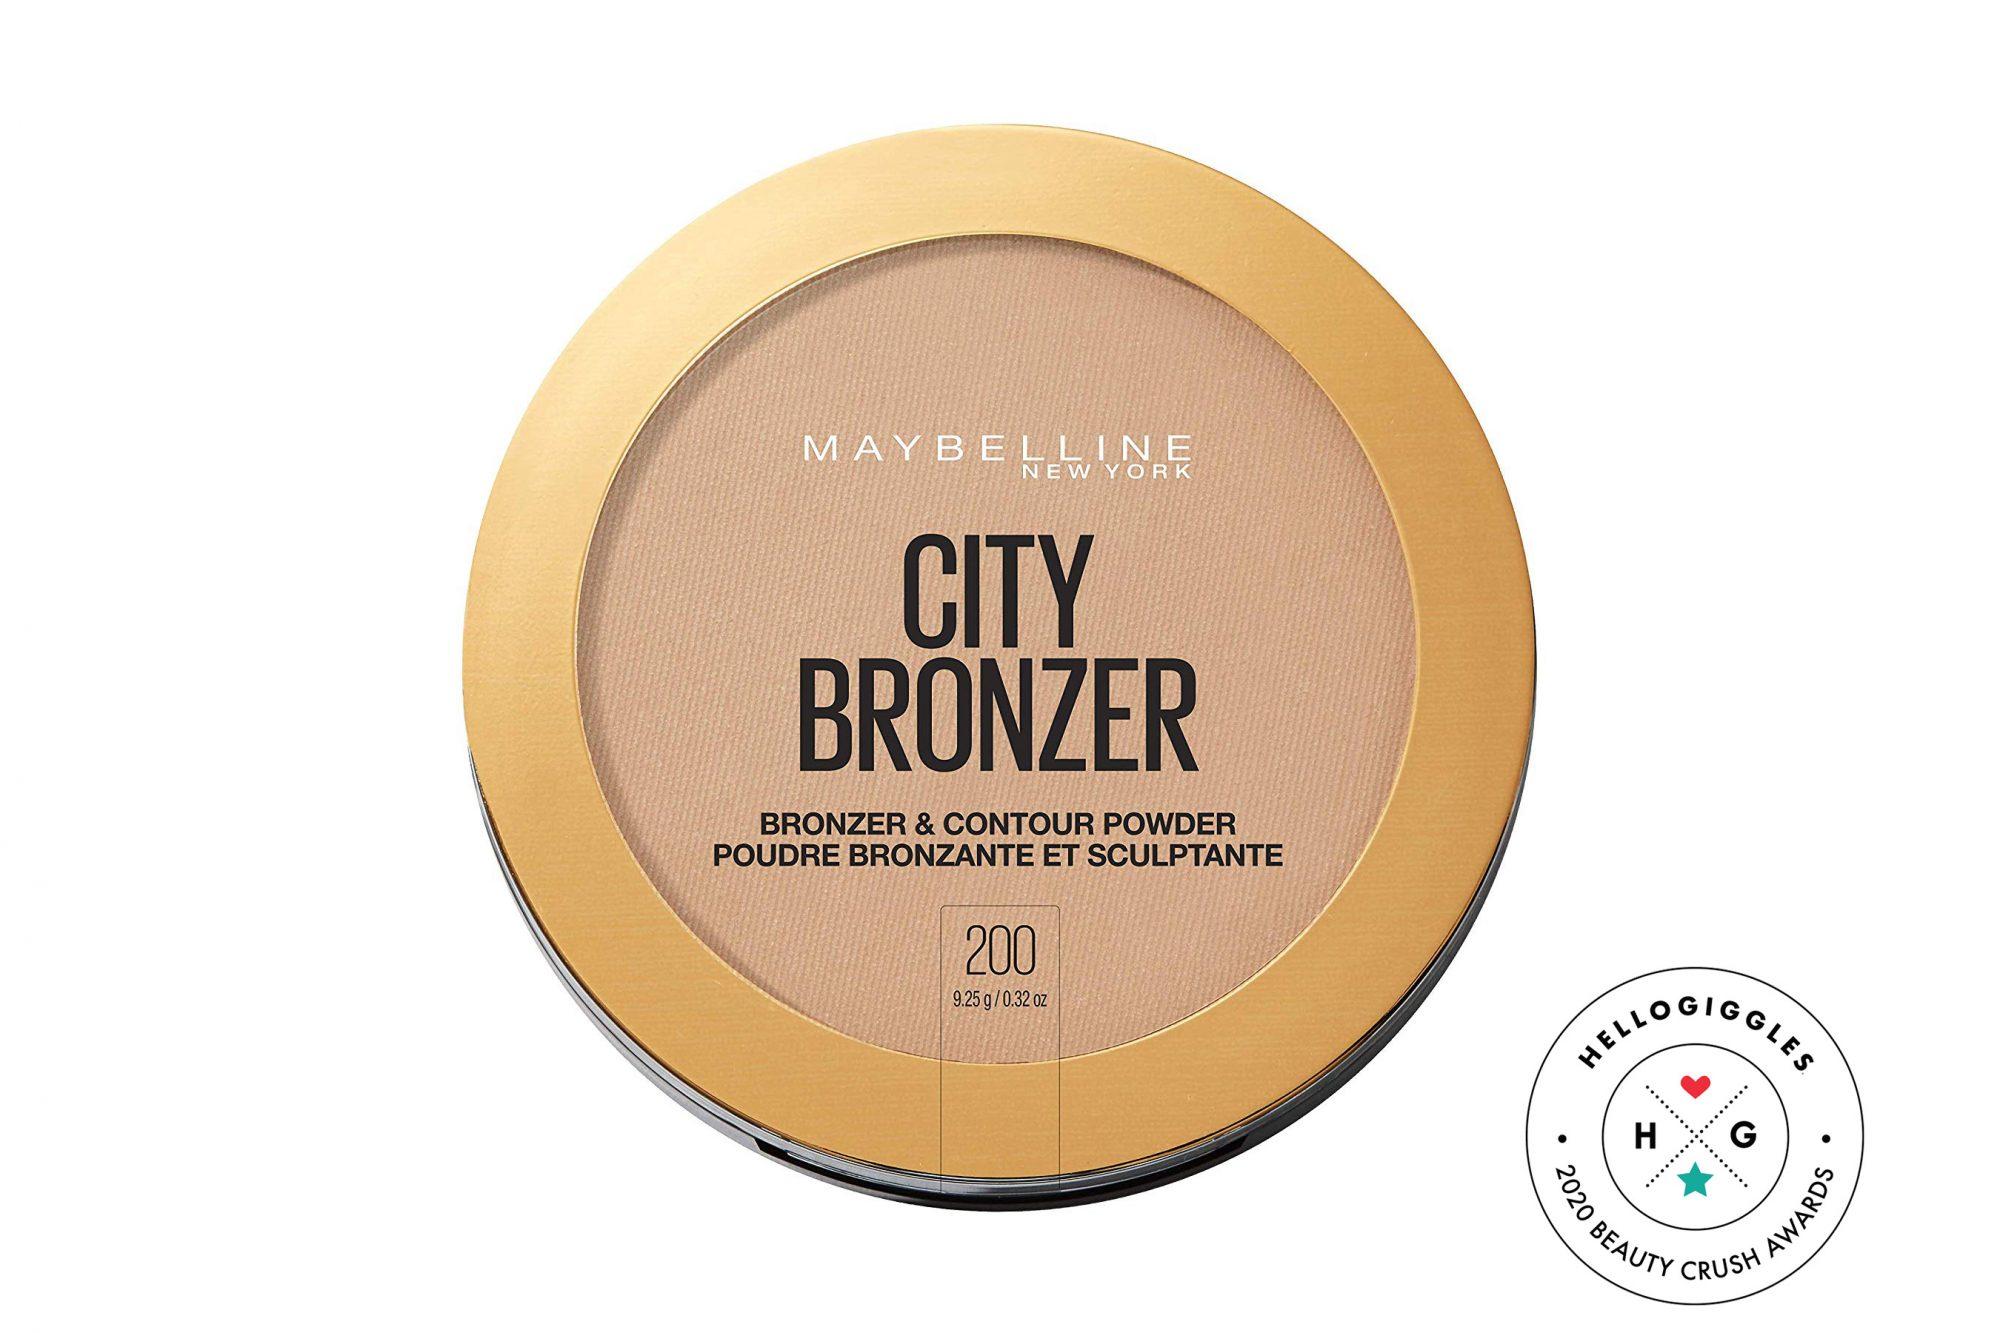 maybelline-bronzer.jpg